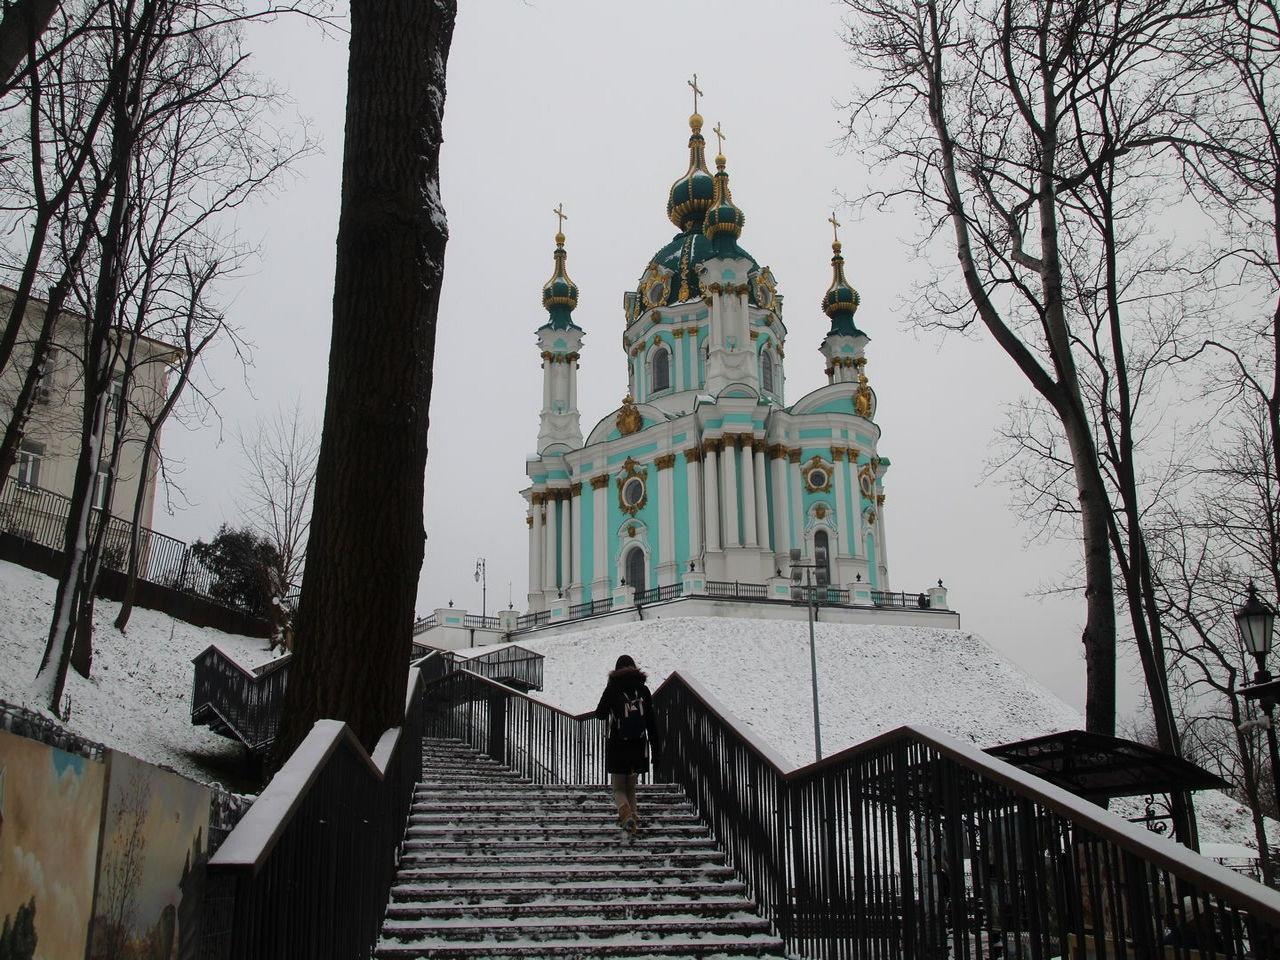 No te vayas sin subir por esta escalinata con la iglesia de San Andrés de fondo.